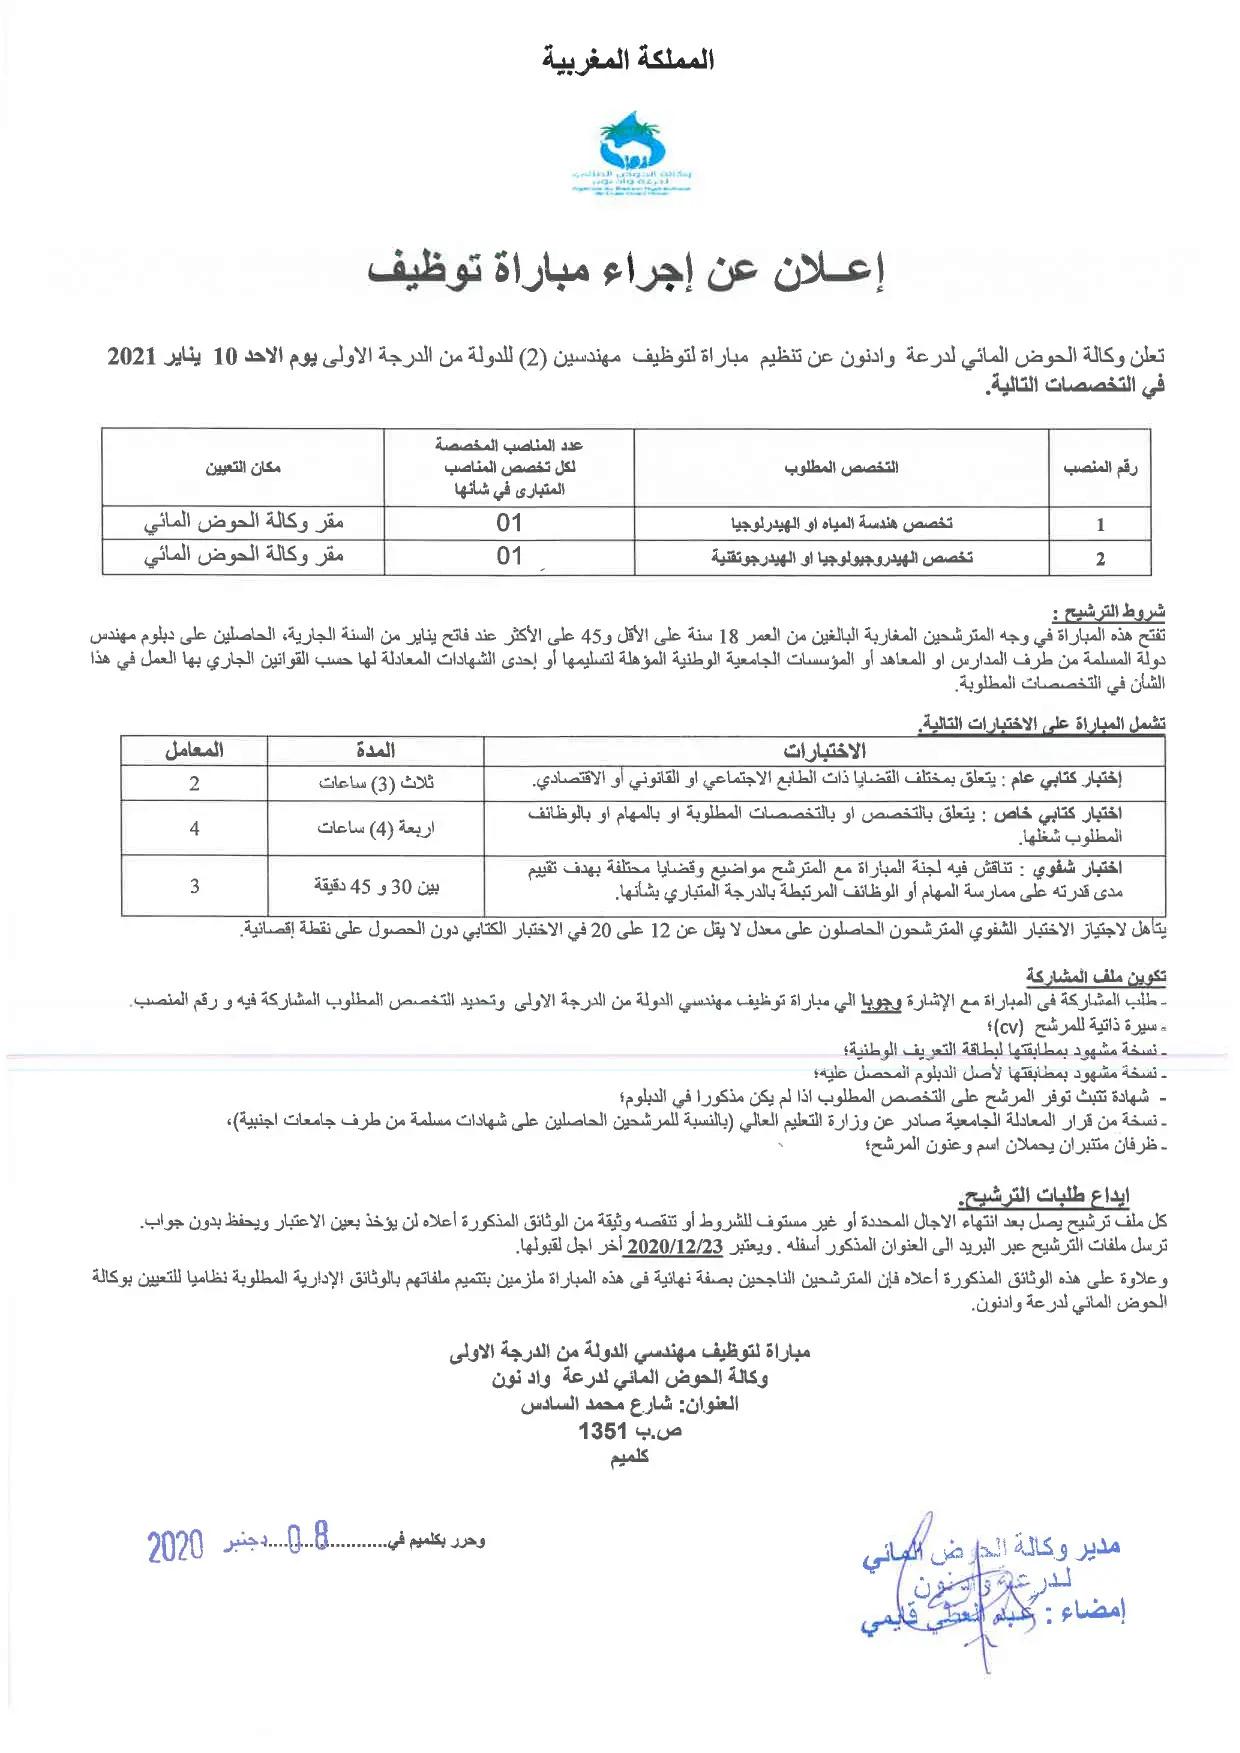 وكالة الحوض المائي لدرعة واد نون مباريات توظيف في عدة مناصب آخر أجل لإيداع الترشيحات 23 دجنبر 2020 Aa_aao17